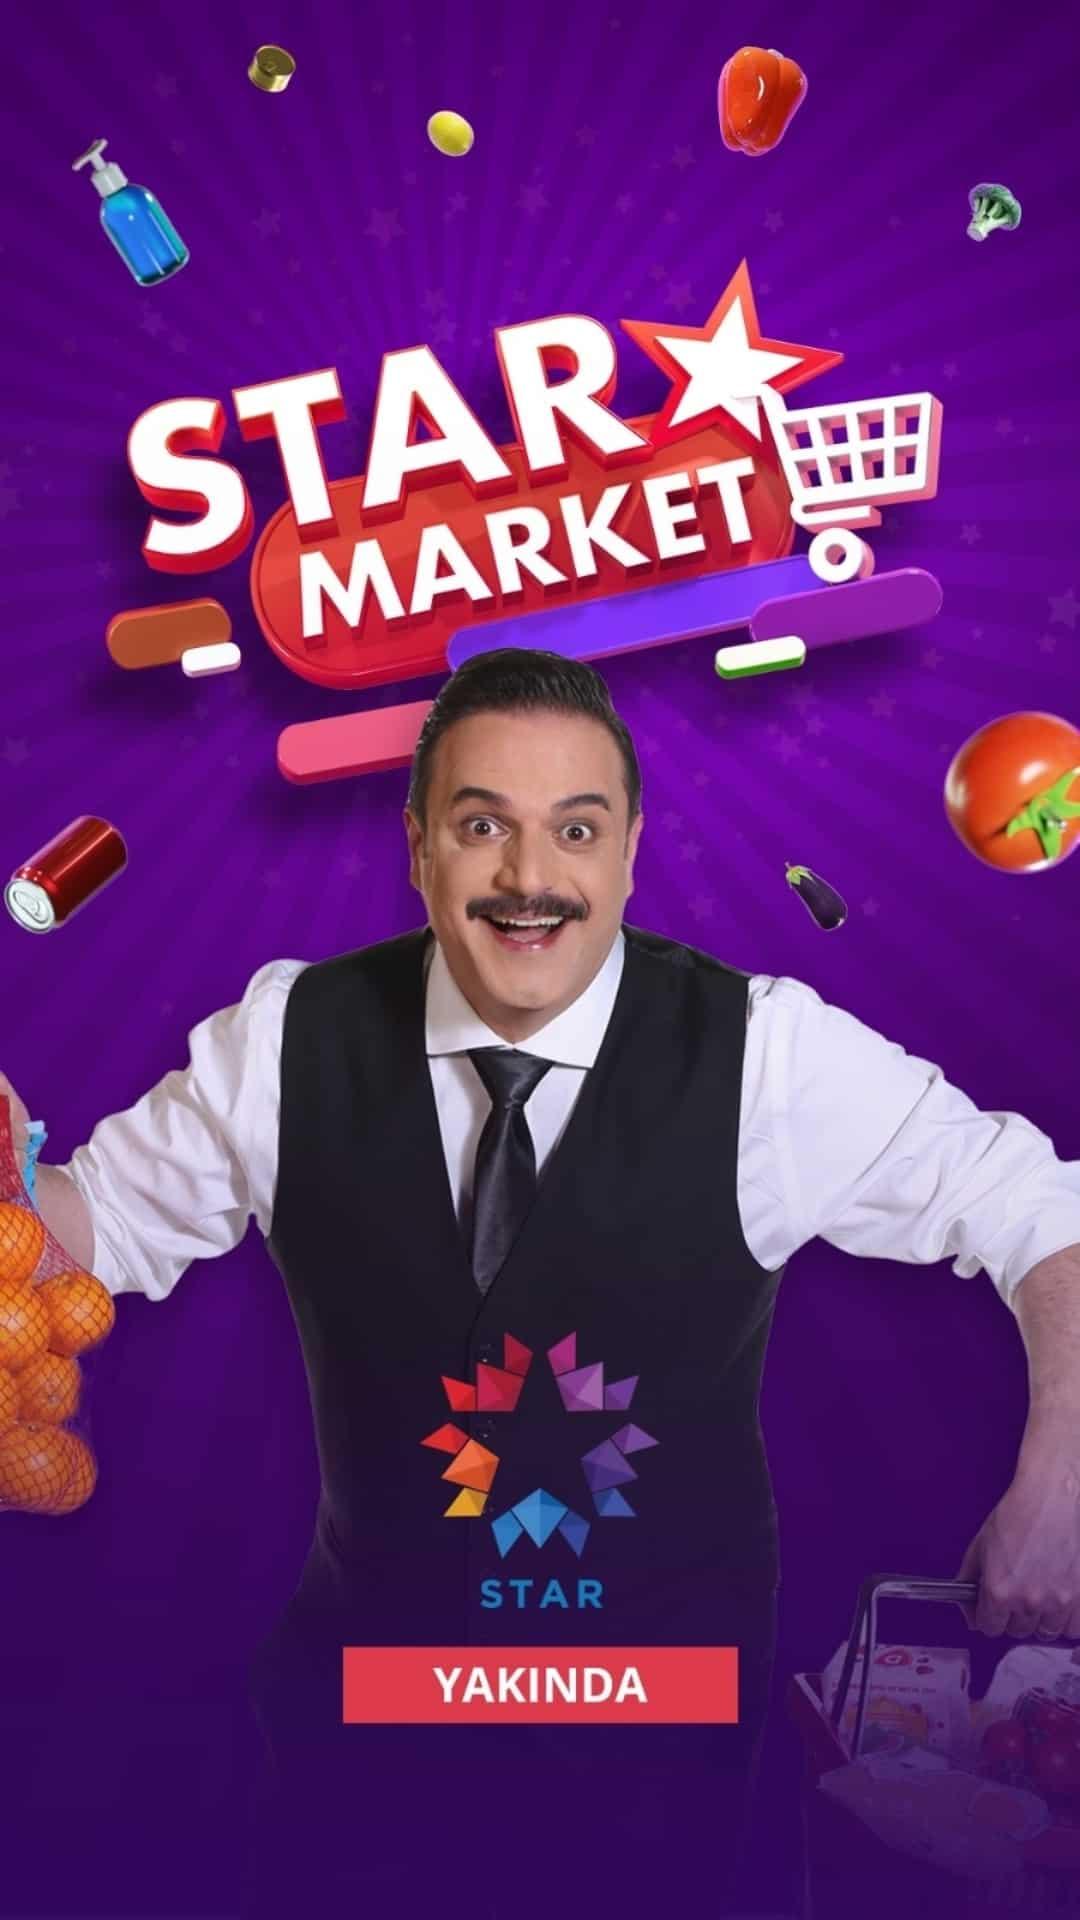 star market basvuru formu bilgileri